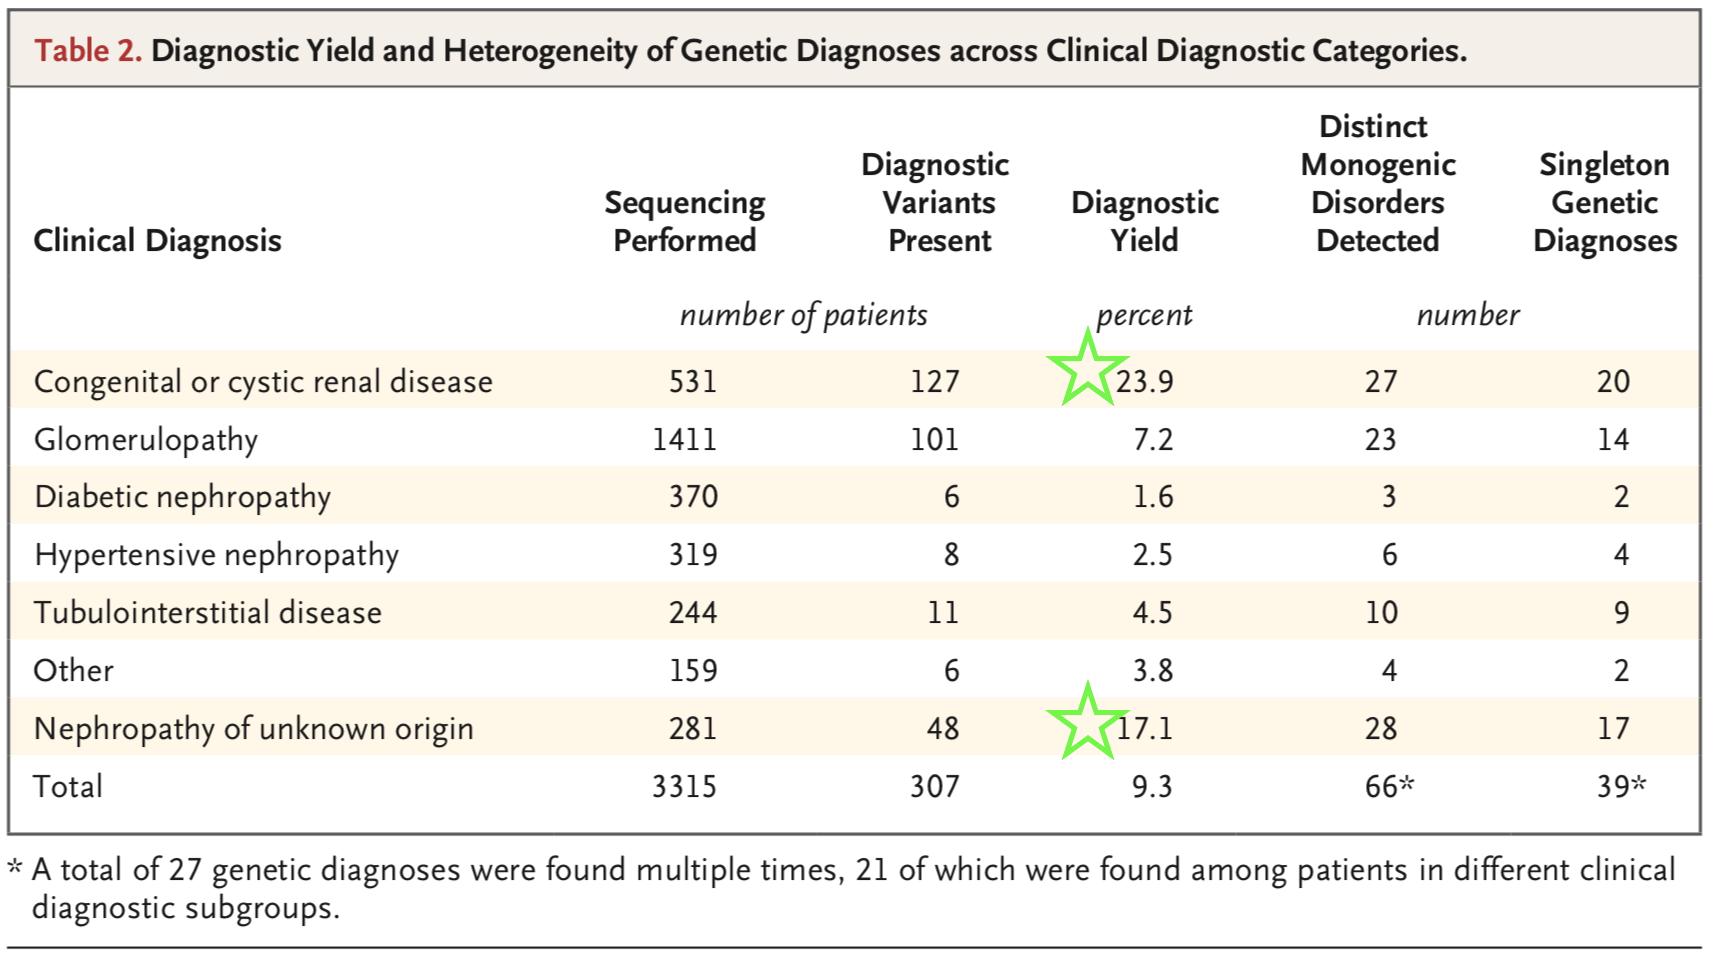 Table 2 from Groopman et al, NEJM 2019